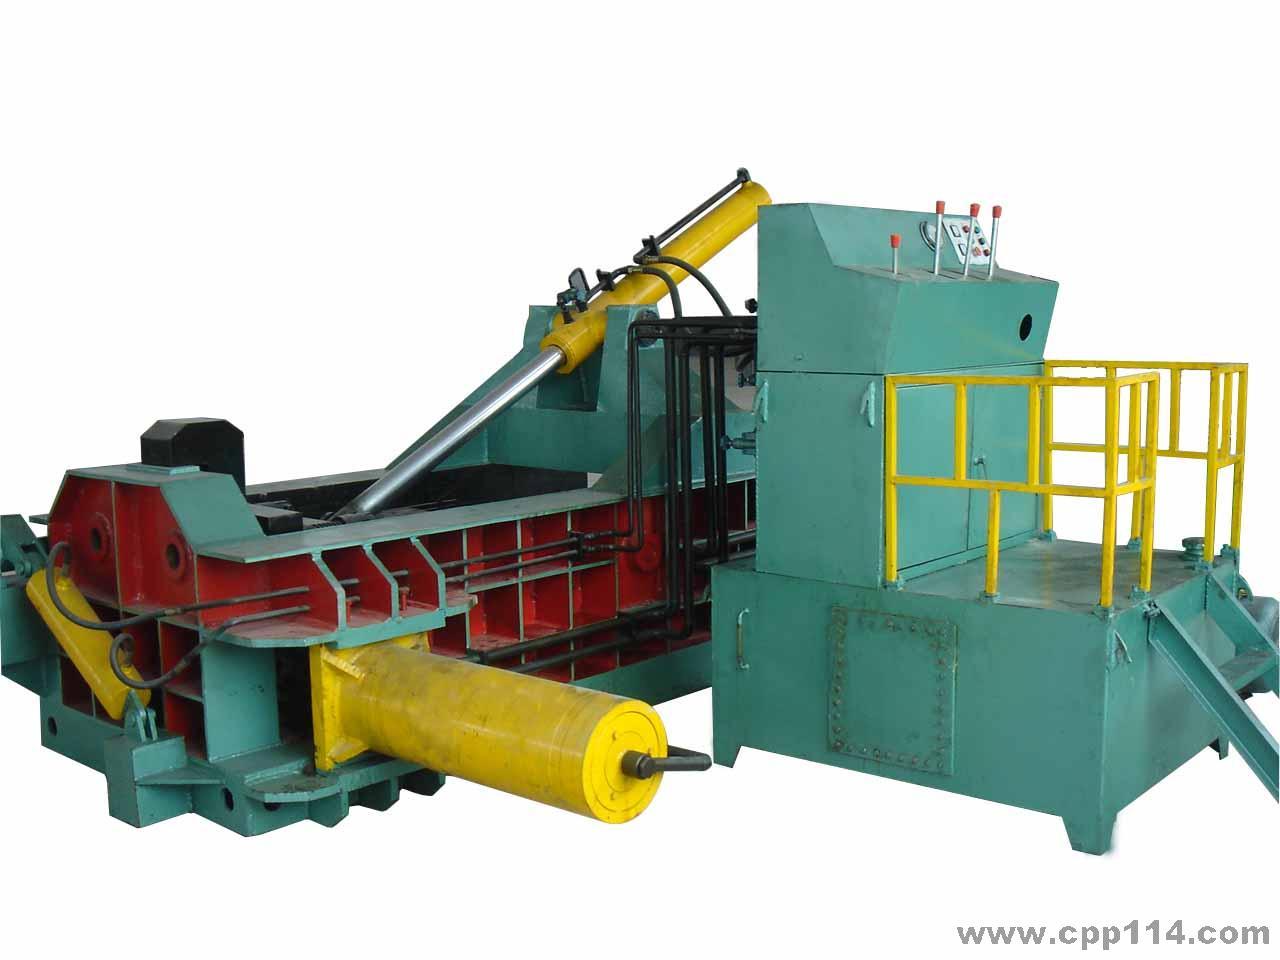 供应粉屑压块机,金属屑压块机,废铝屑压块机,废铜屑压块机